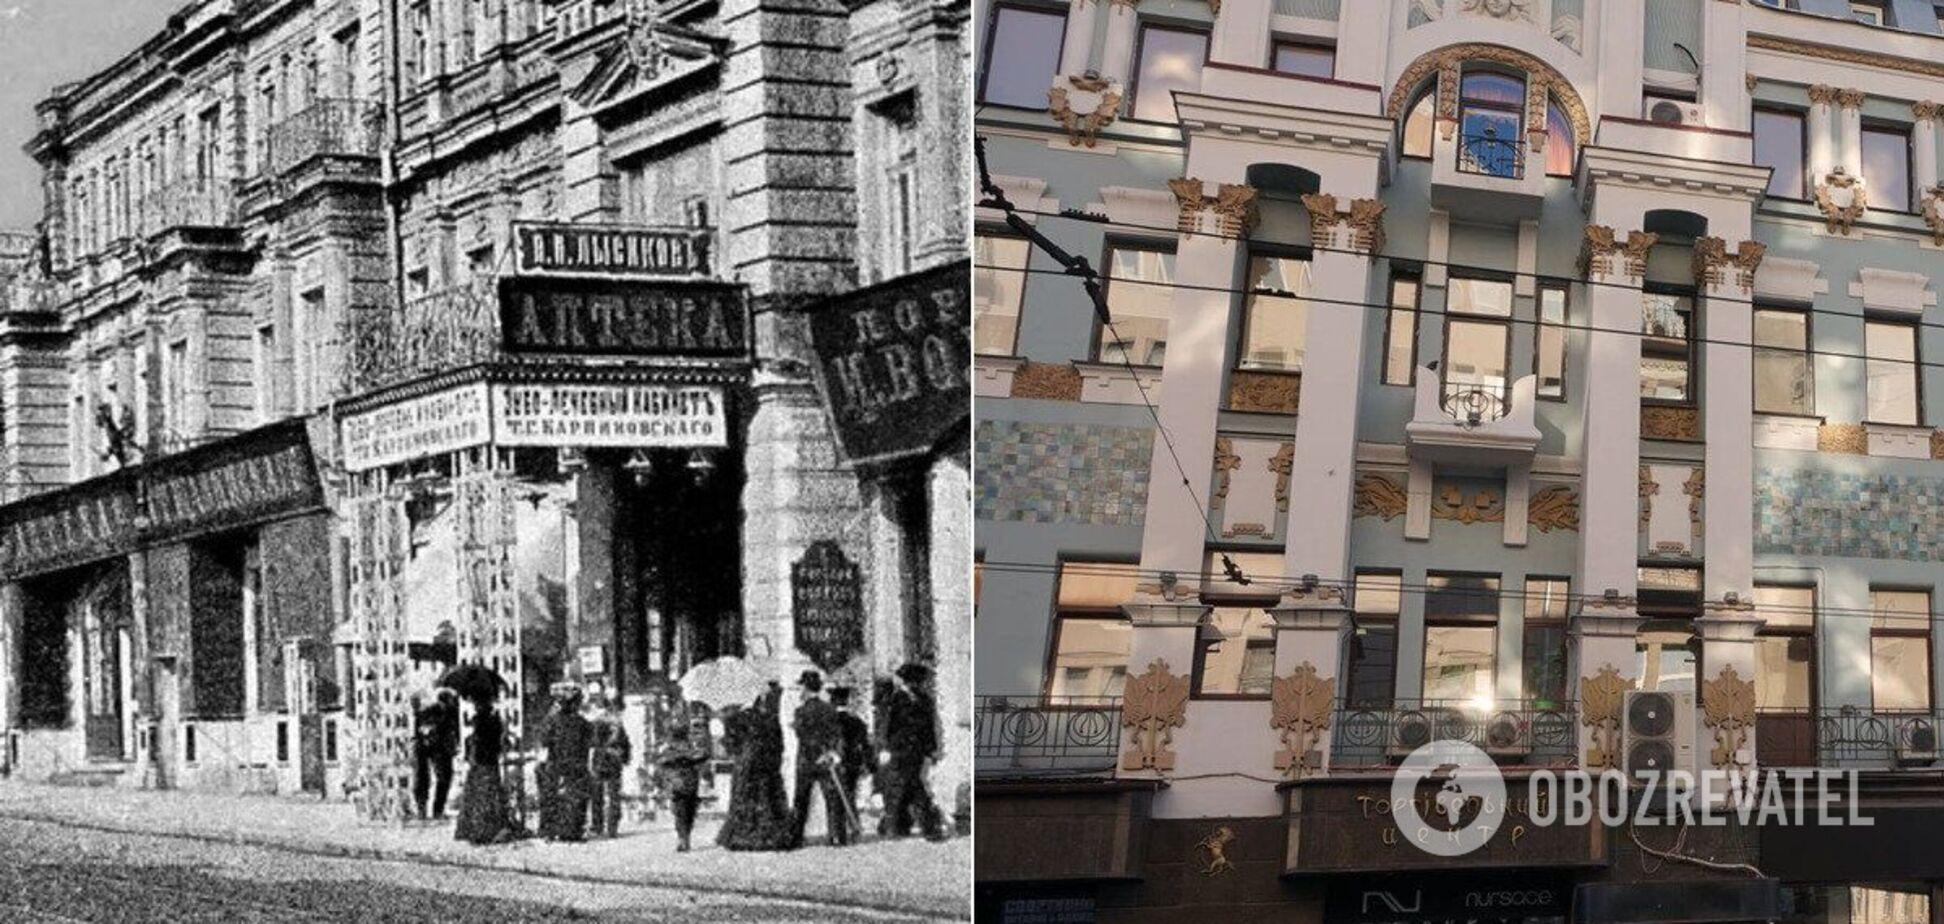 Как развлекалась элита в Харькове в начале ХХ века: икра, селедка и шампанское за 1500 грн. Фото